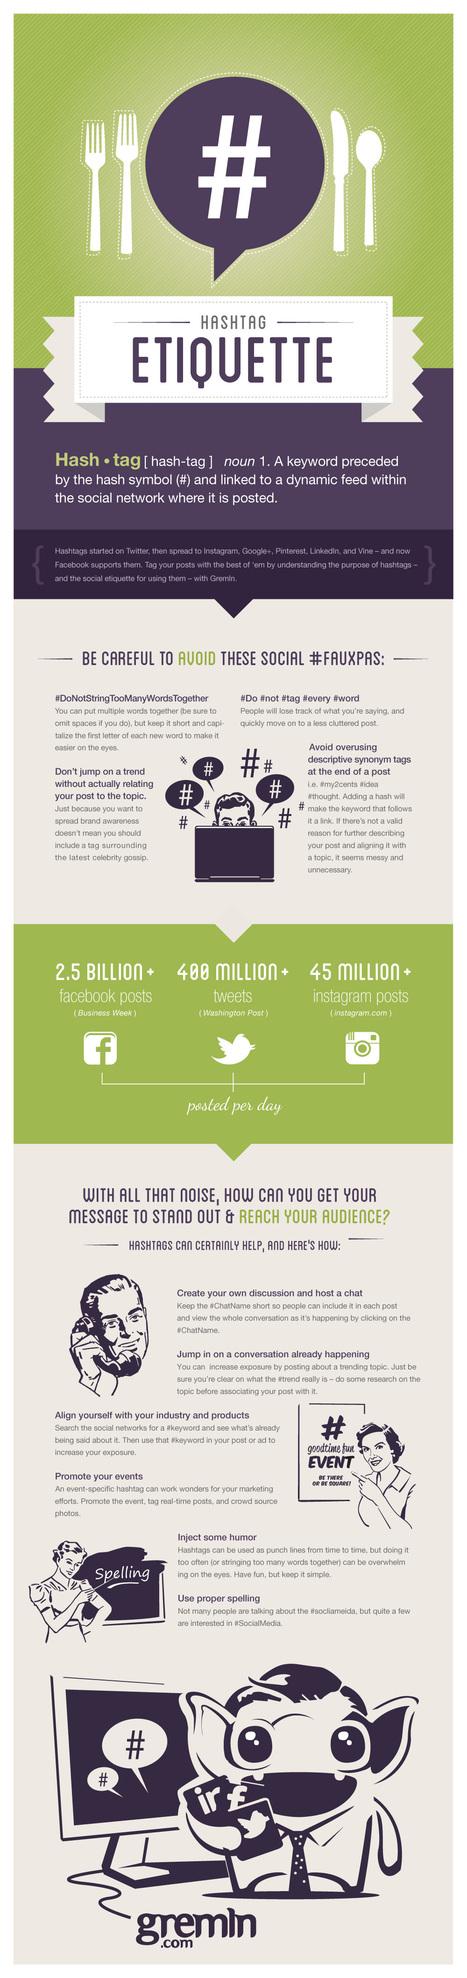 Hashtag Etiquette Infographic | Hashtag : actualités et fonctionnalités | Scoop.it